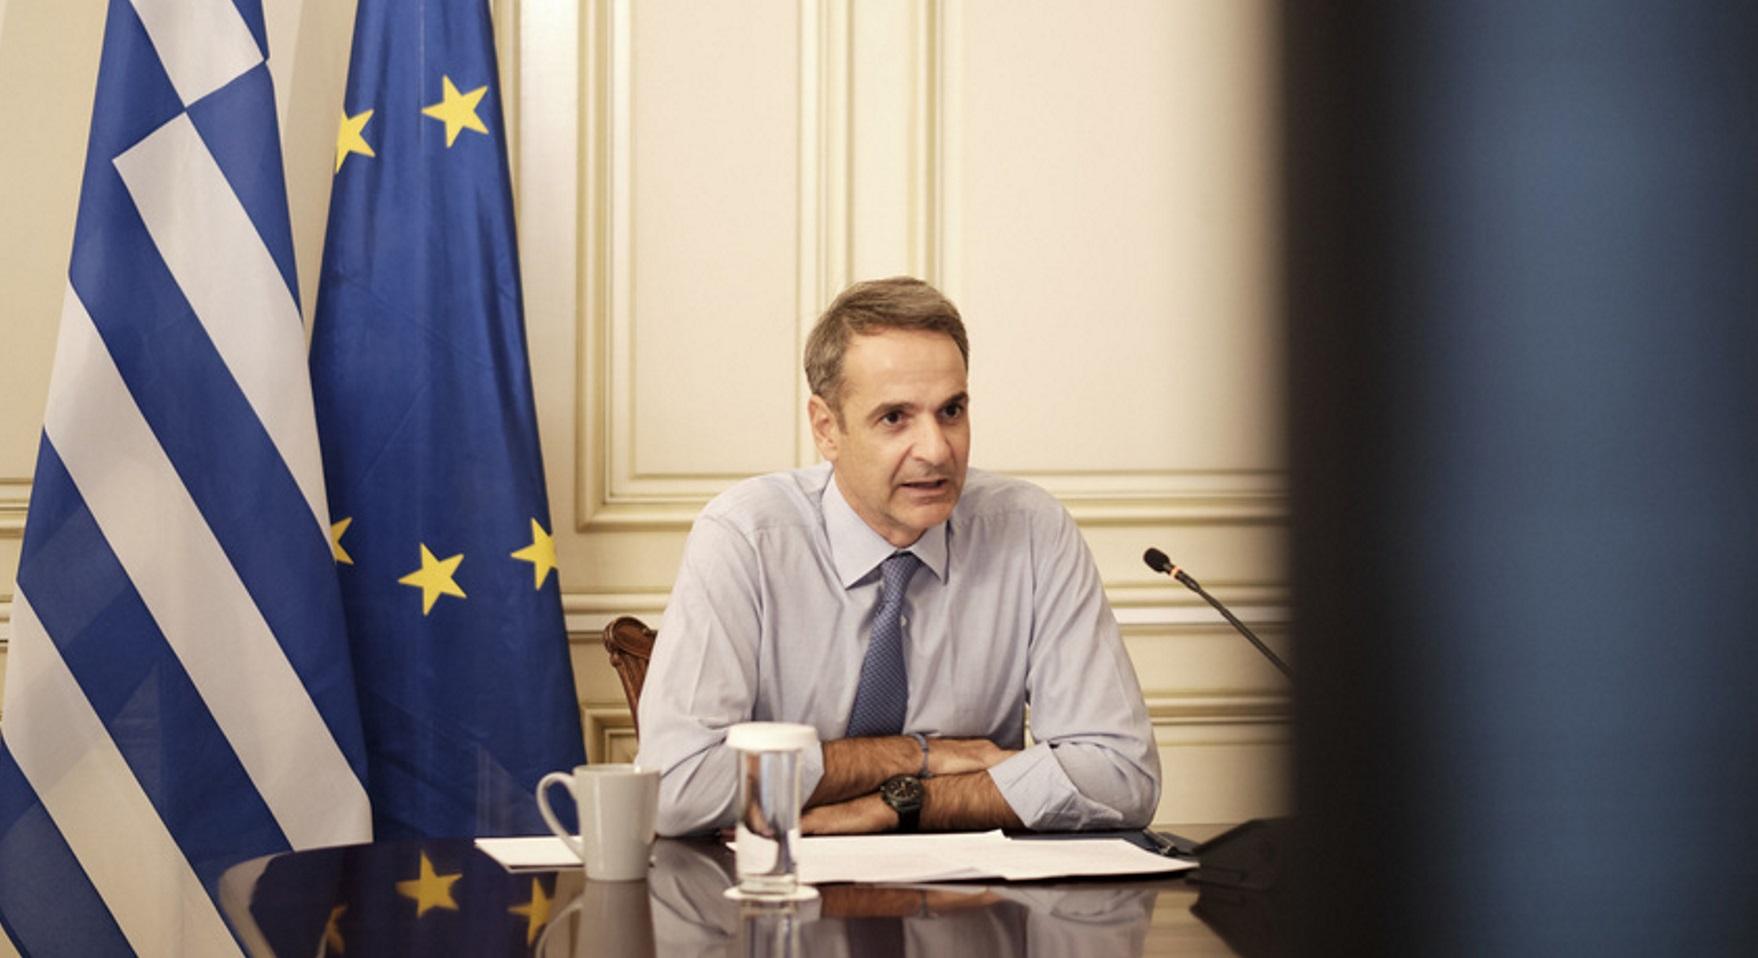 Συνάντηση  Μητσοτάκη-Μισέλ αύριο στο Μαξίμου – Όλο το πρόγραμμα του πρωθυπουργού